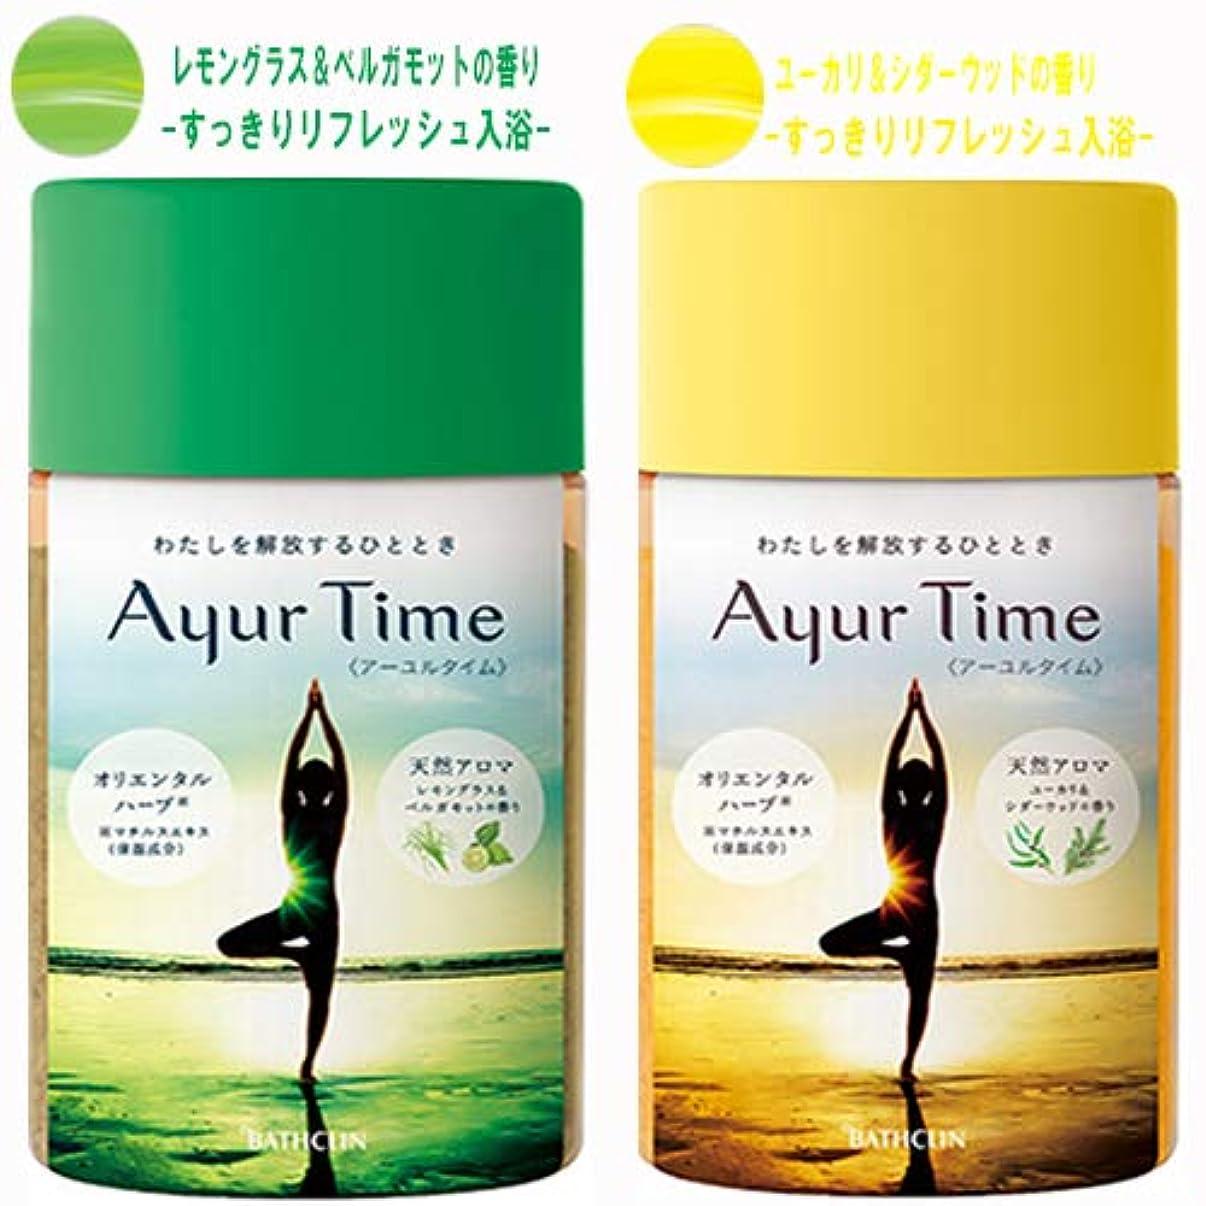 【2個ペア】アーユルタイム ユーカリ&シダーウッドの香り 720g+レモングラス&ベルガモット720g 2個セット(4548514153318+4548514153325)